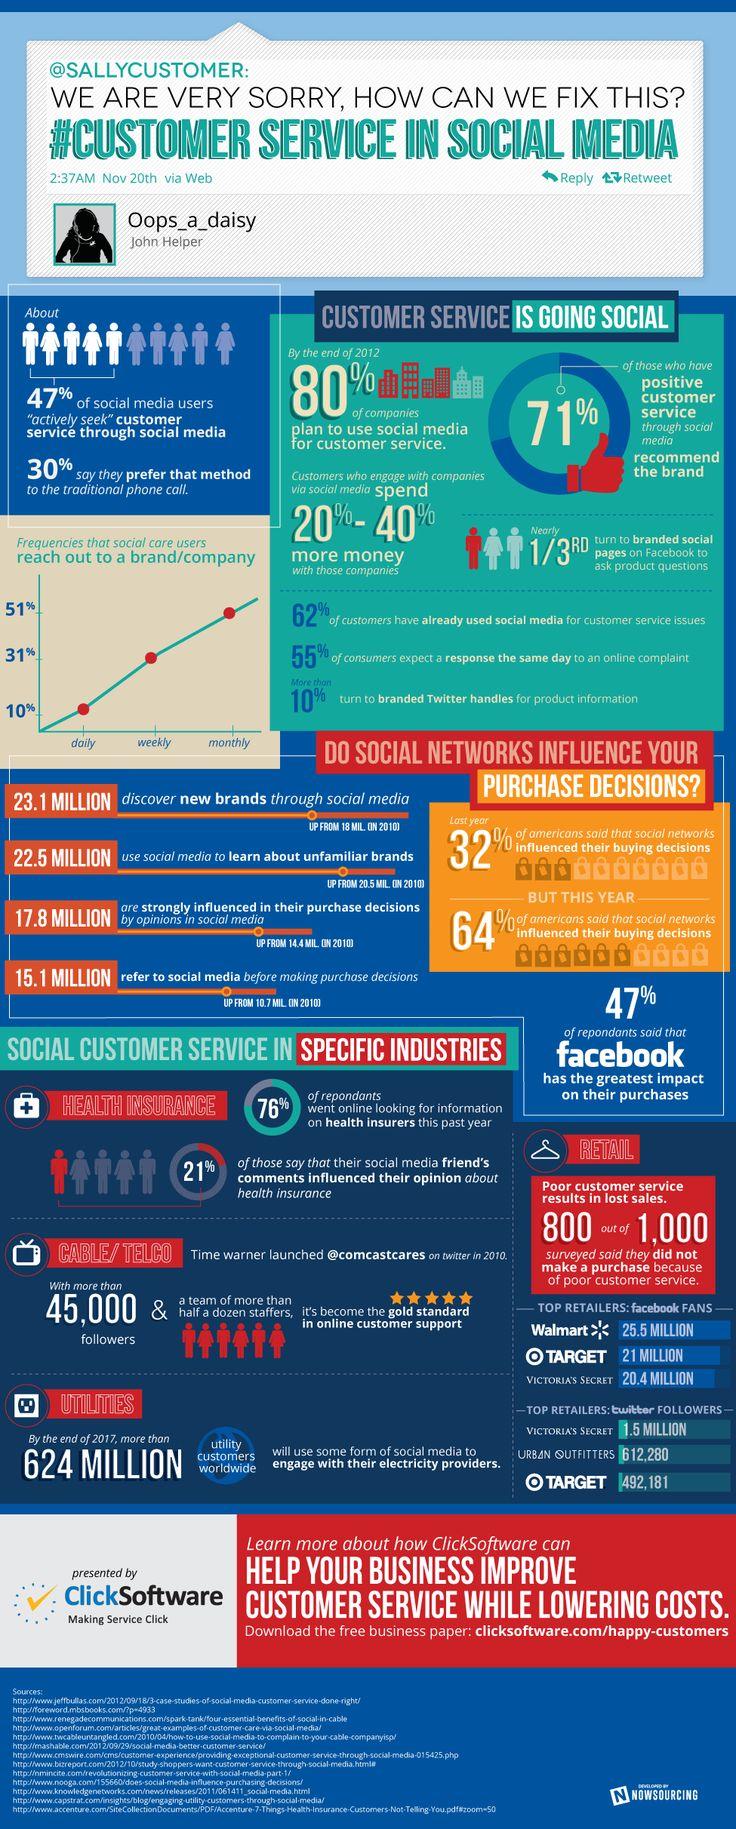 Customer Service in Social Med